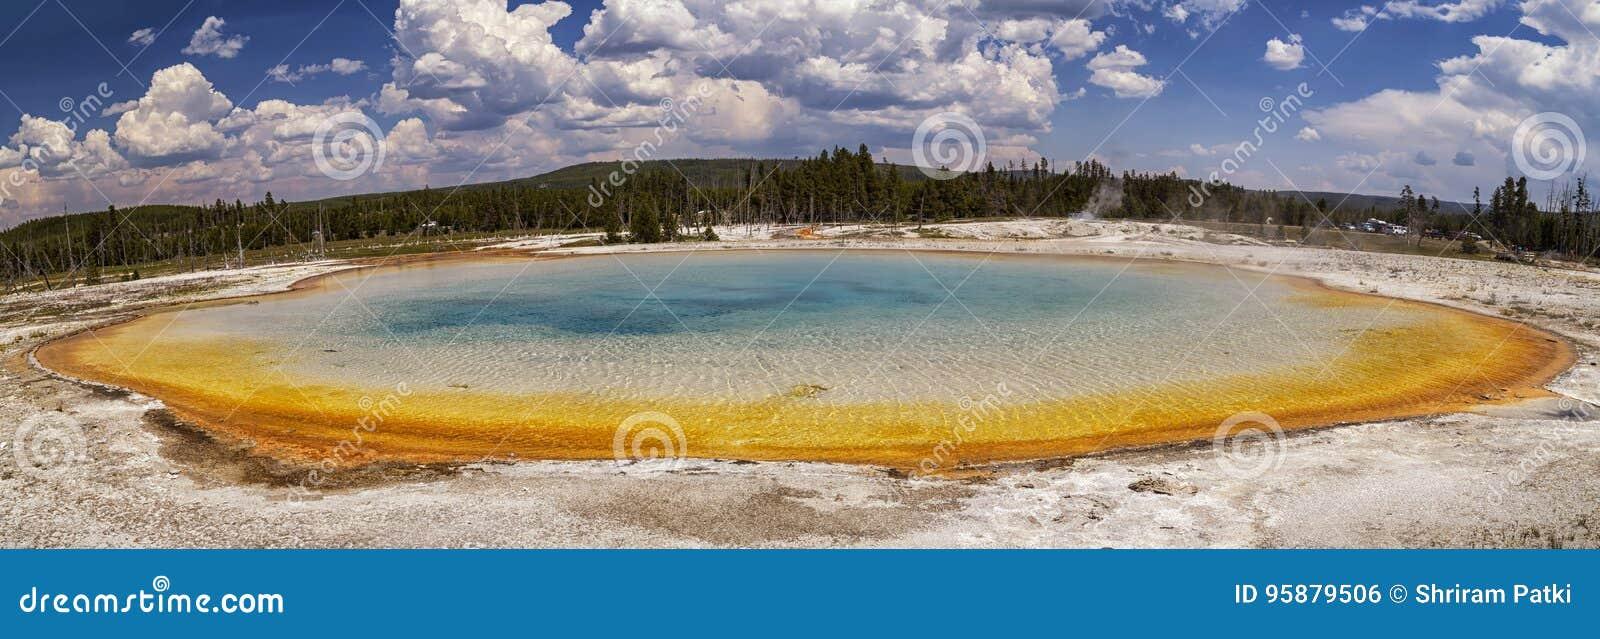 Härlig panorama av solnedgång sjön på den svarta sandhandfatet i den Yellowstone nationalparken